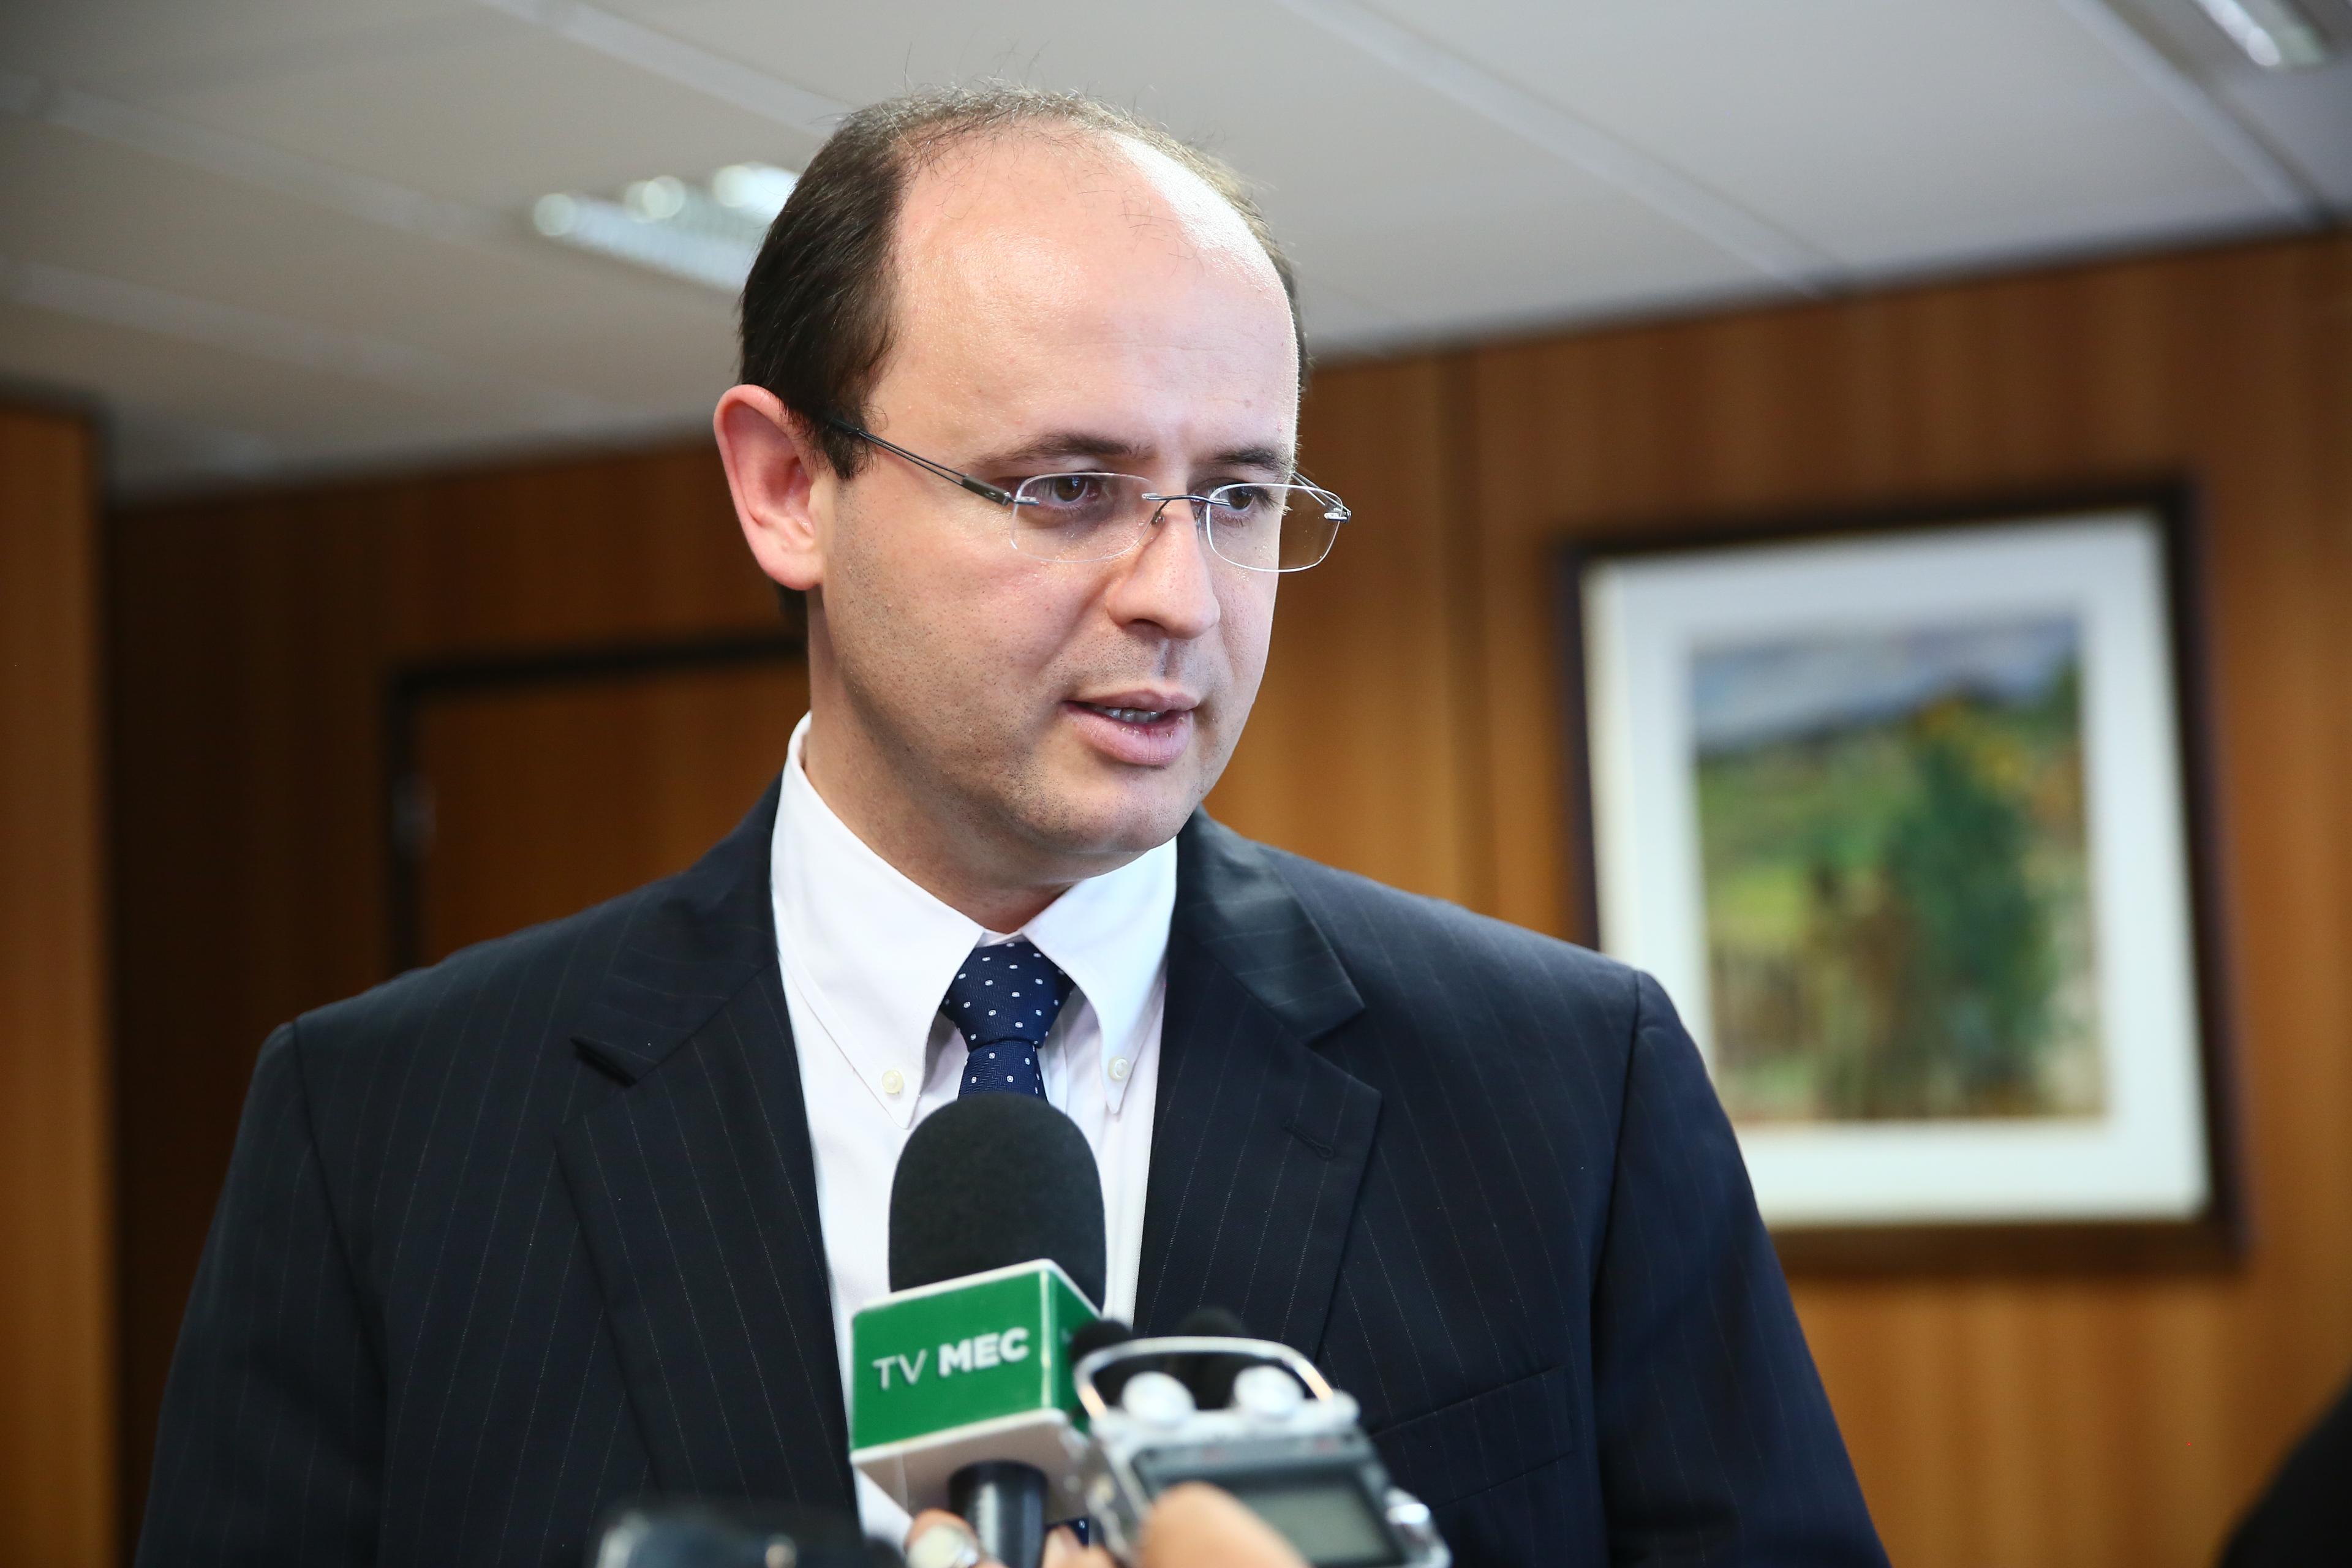 Ministro discute parcerias para desenvolver a educação em Manaus